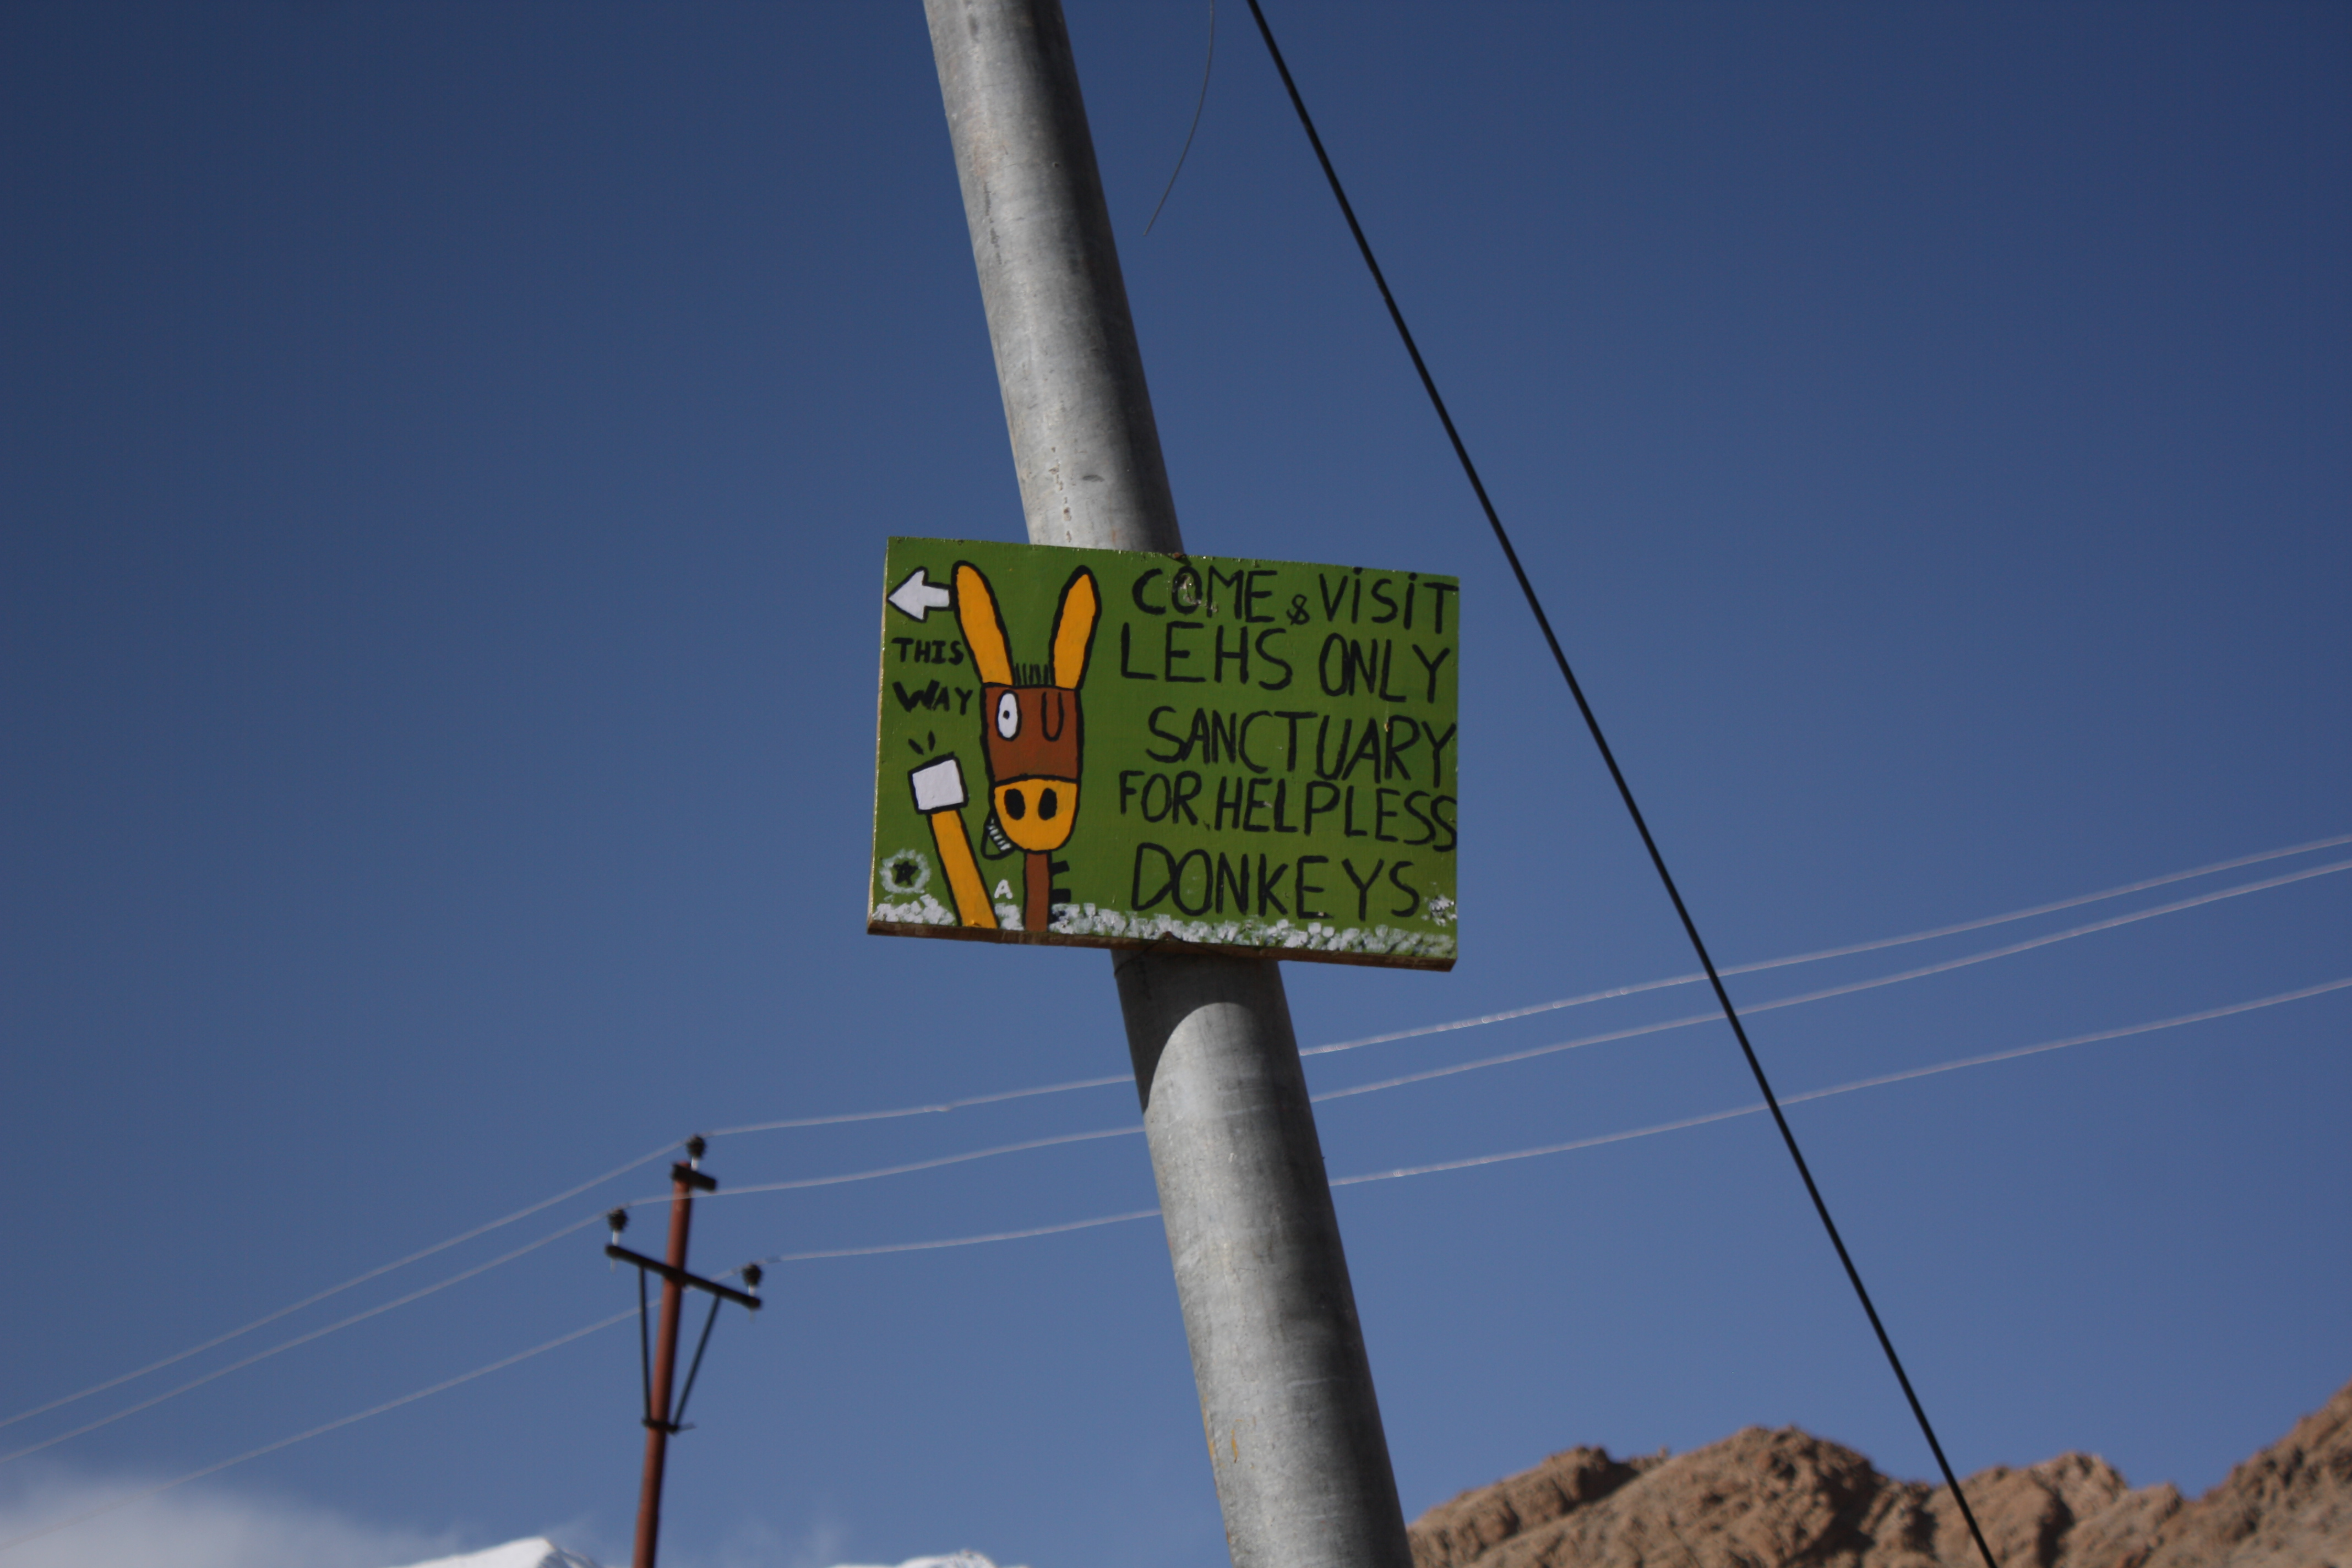 табличка, указывающая путь на ослиную ферму